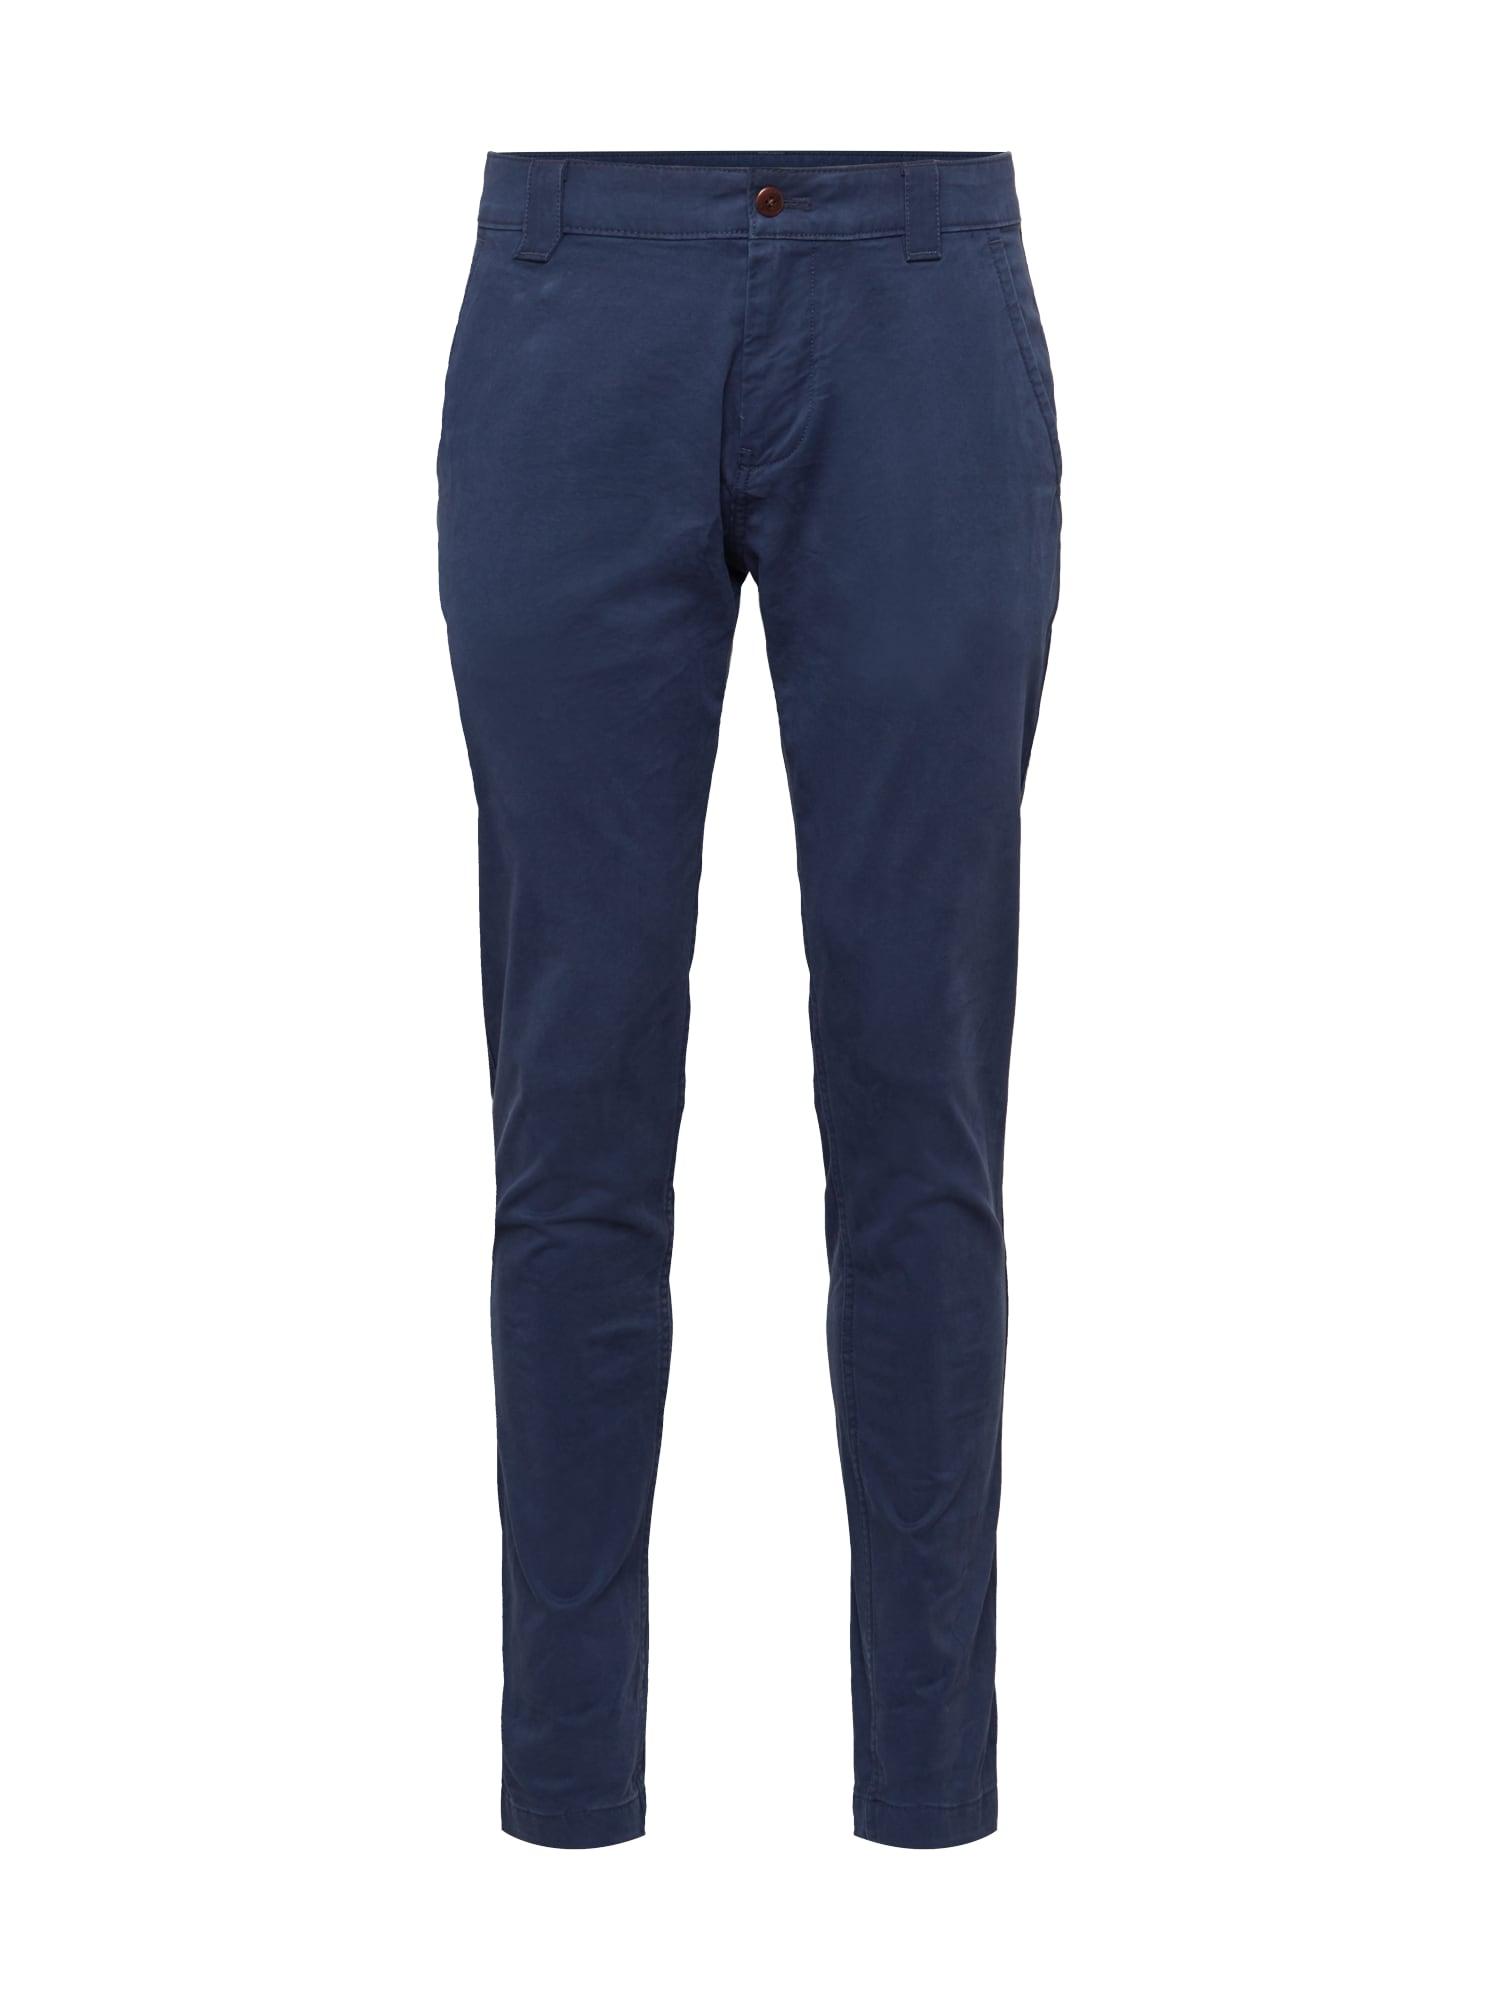 Tommy Jeans Chino kalhoty 'Scanton'  námořnická modř